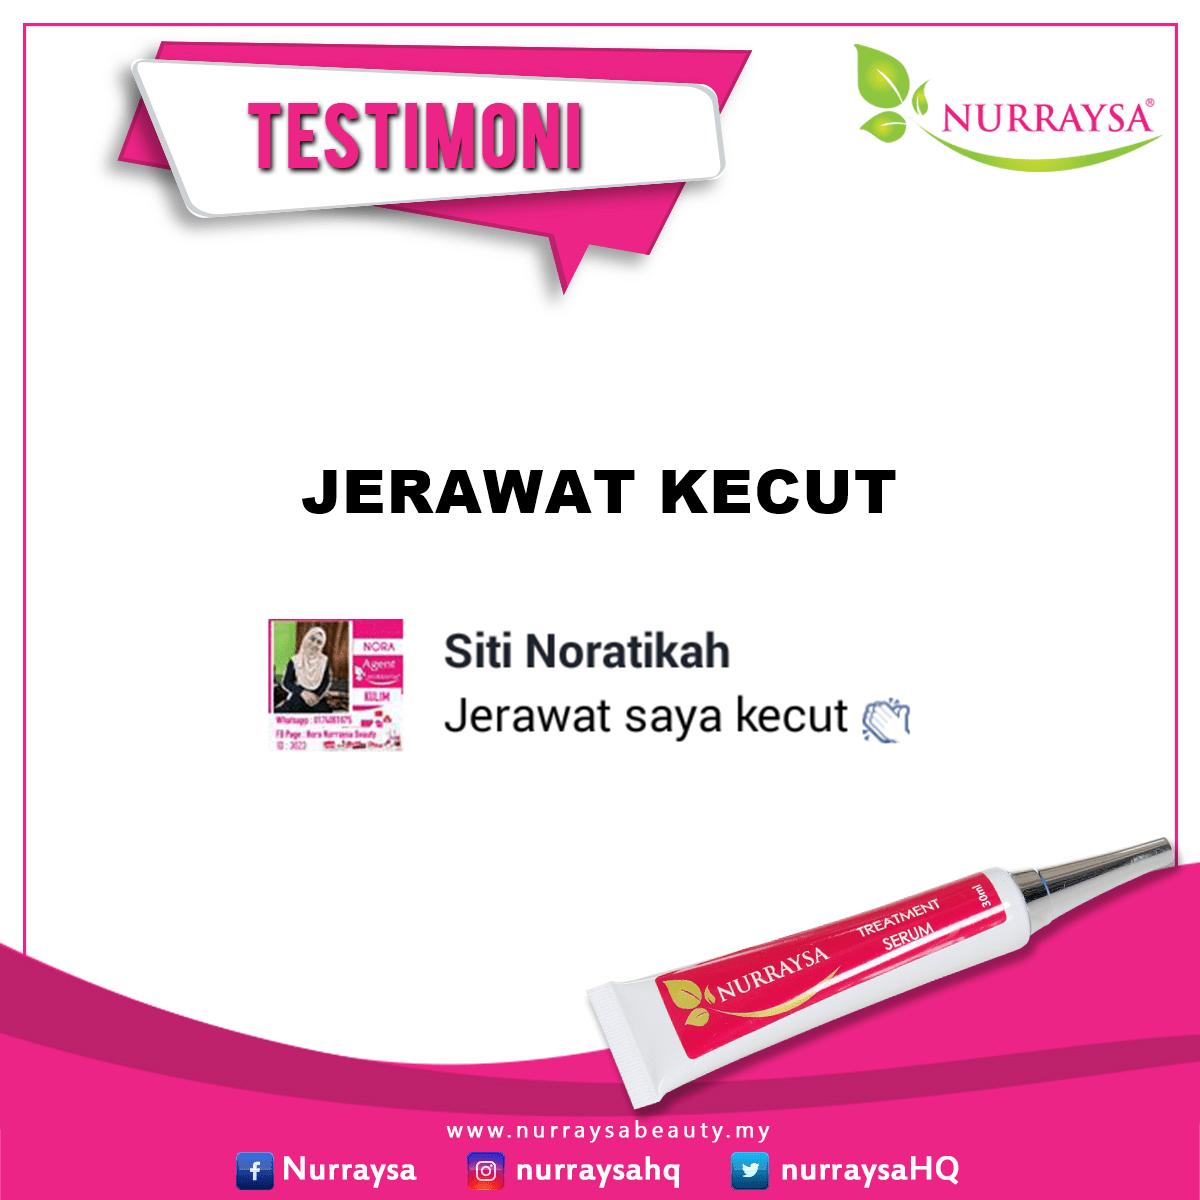 TreatmentSerum Siti Noratikah